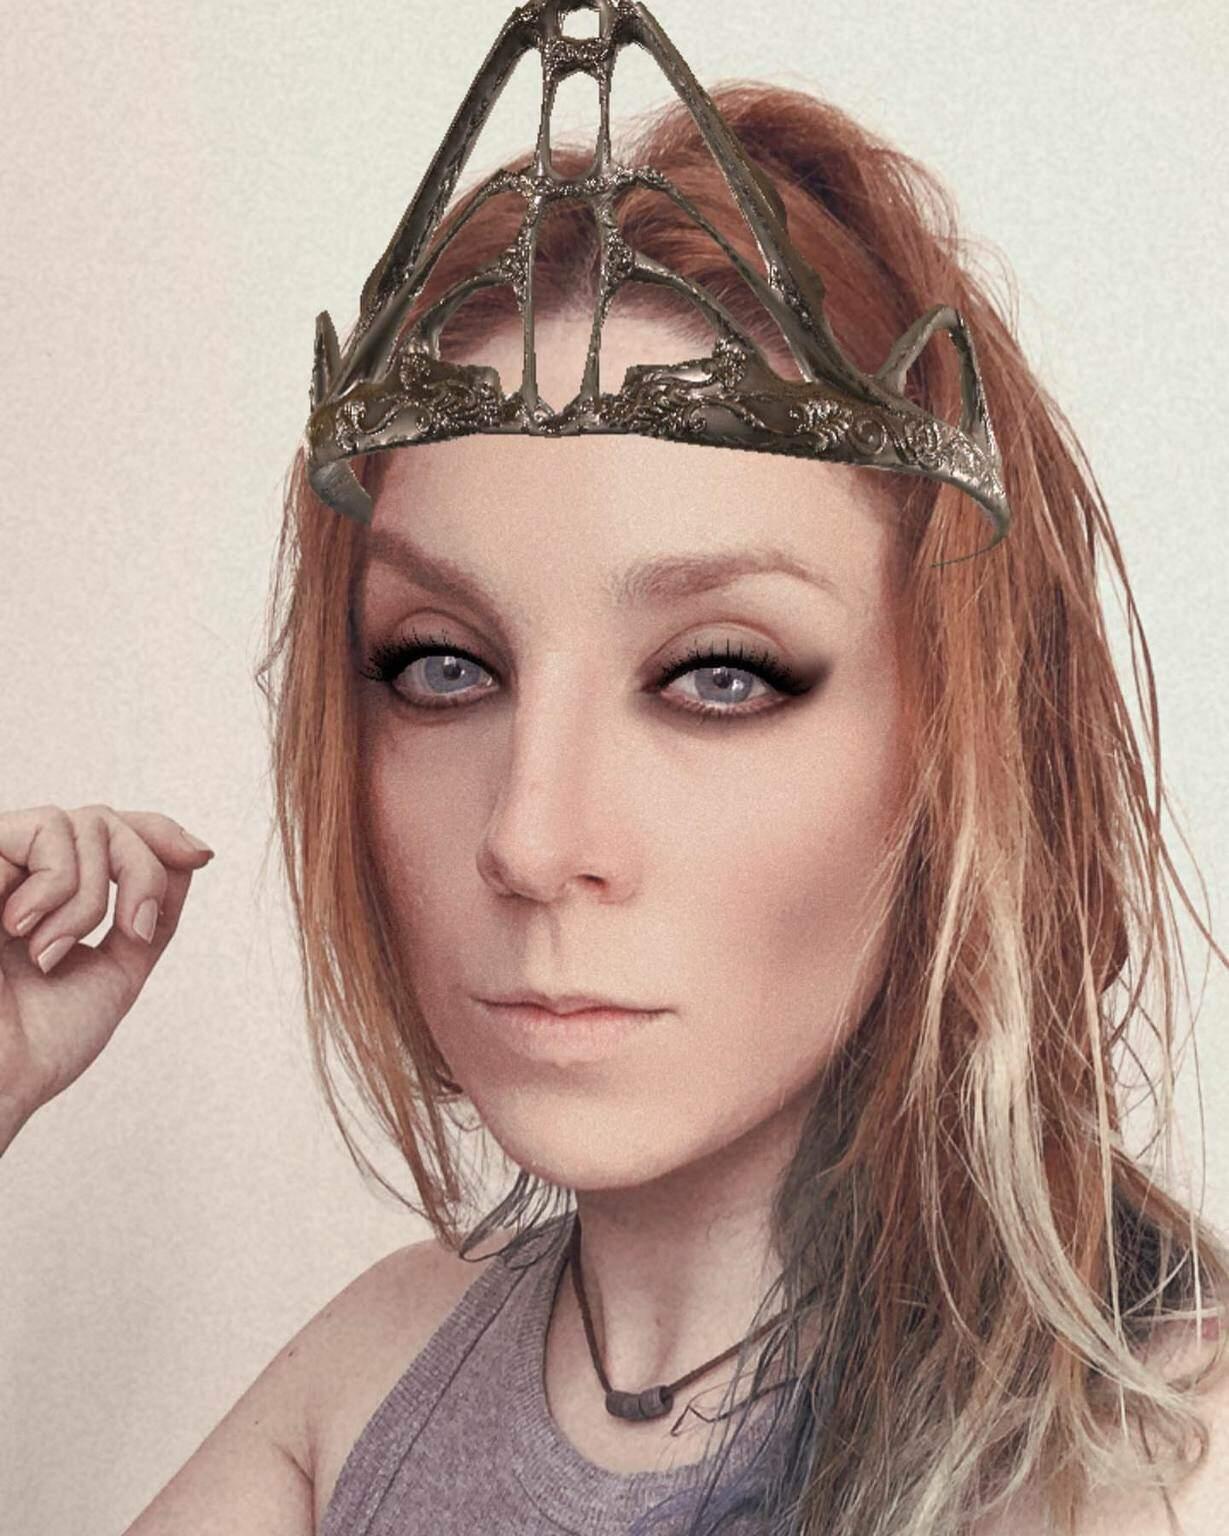 """Efeito inspirado na personagem Lagertha, da série """"Vikings"""" (Foto: Reprodução/Instagram)"""